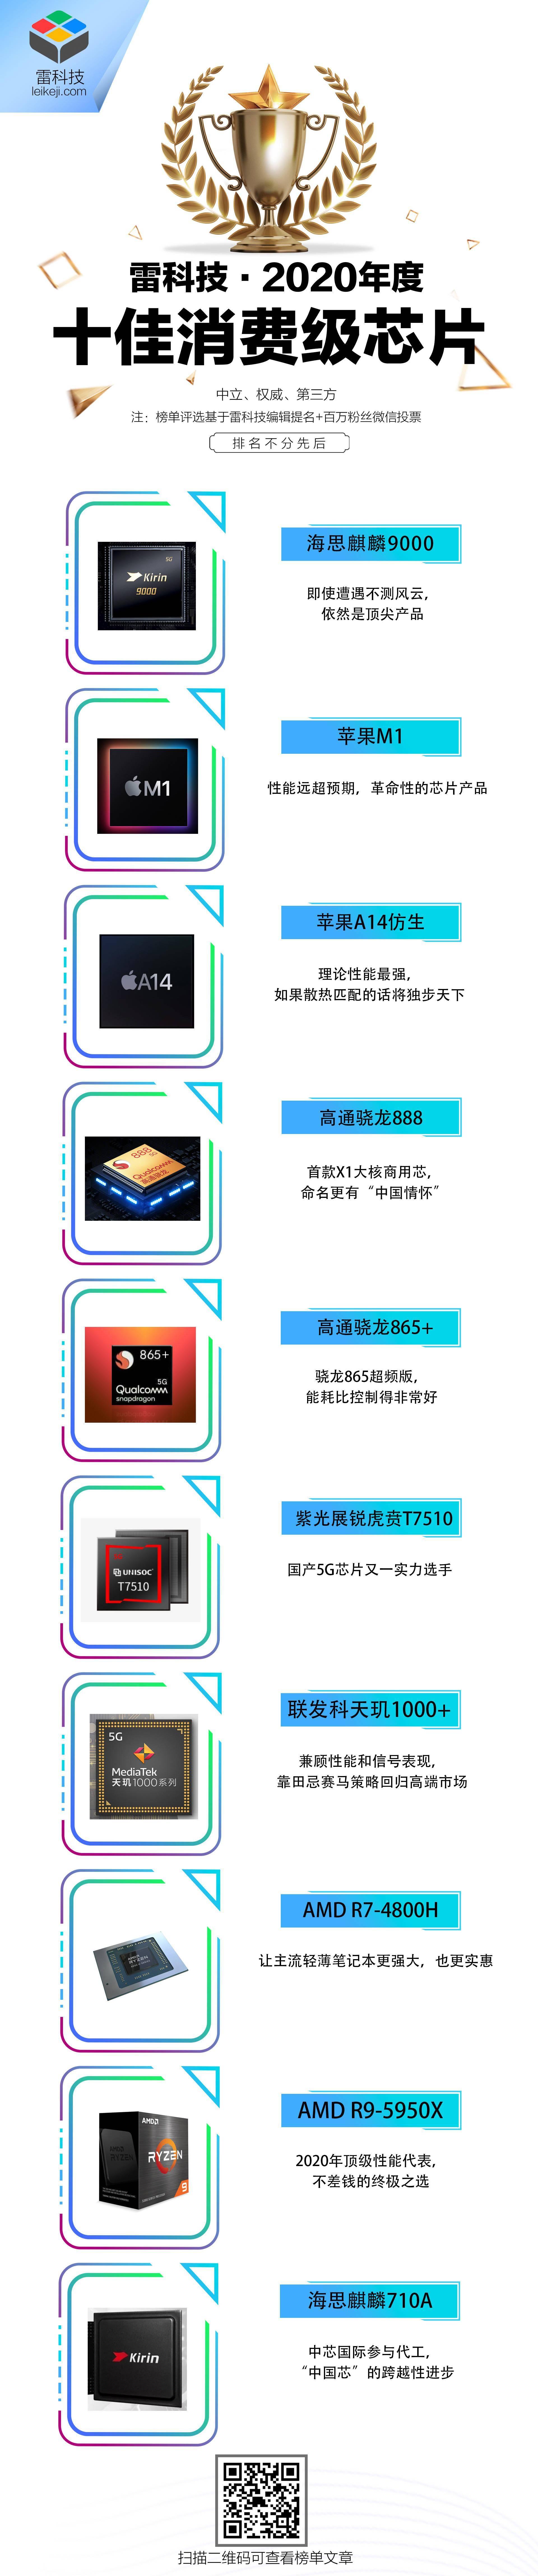 雷科技年度榜单·2020丨十佳消费芯片评选结果揭晓!